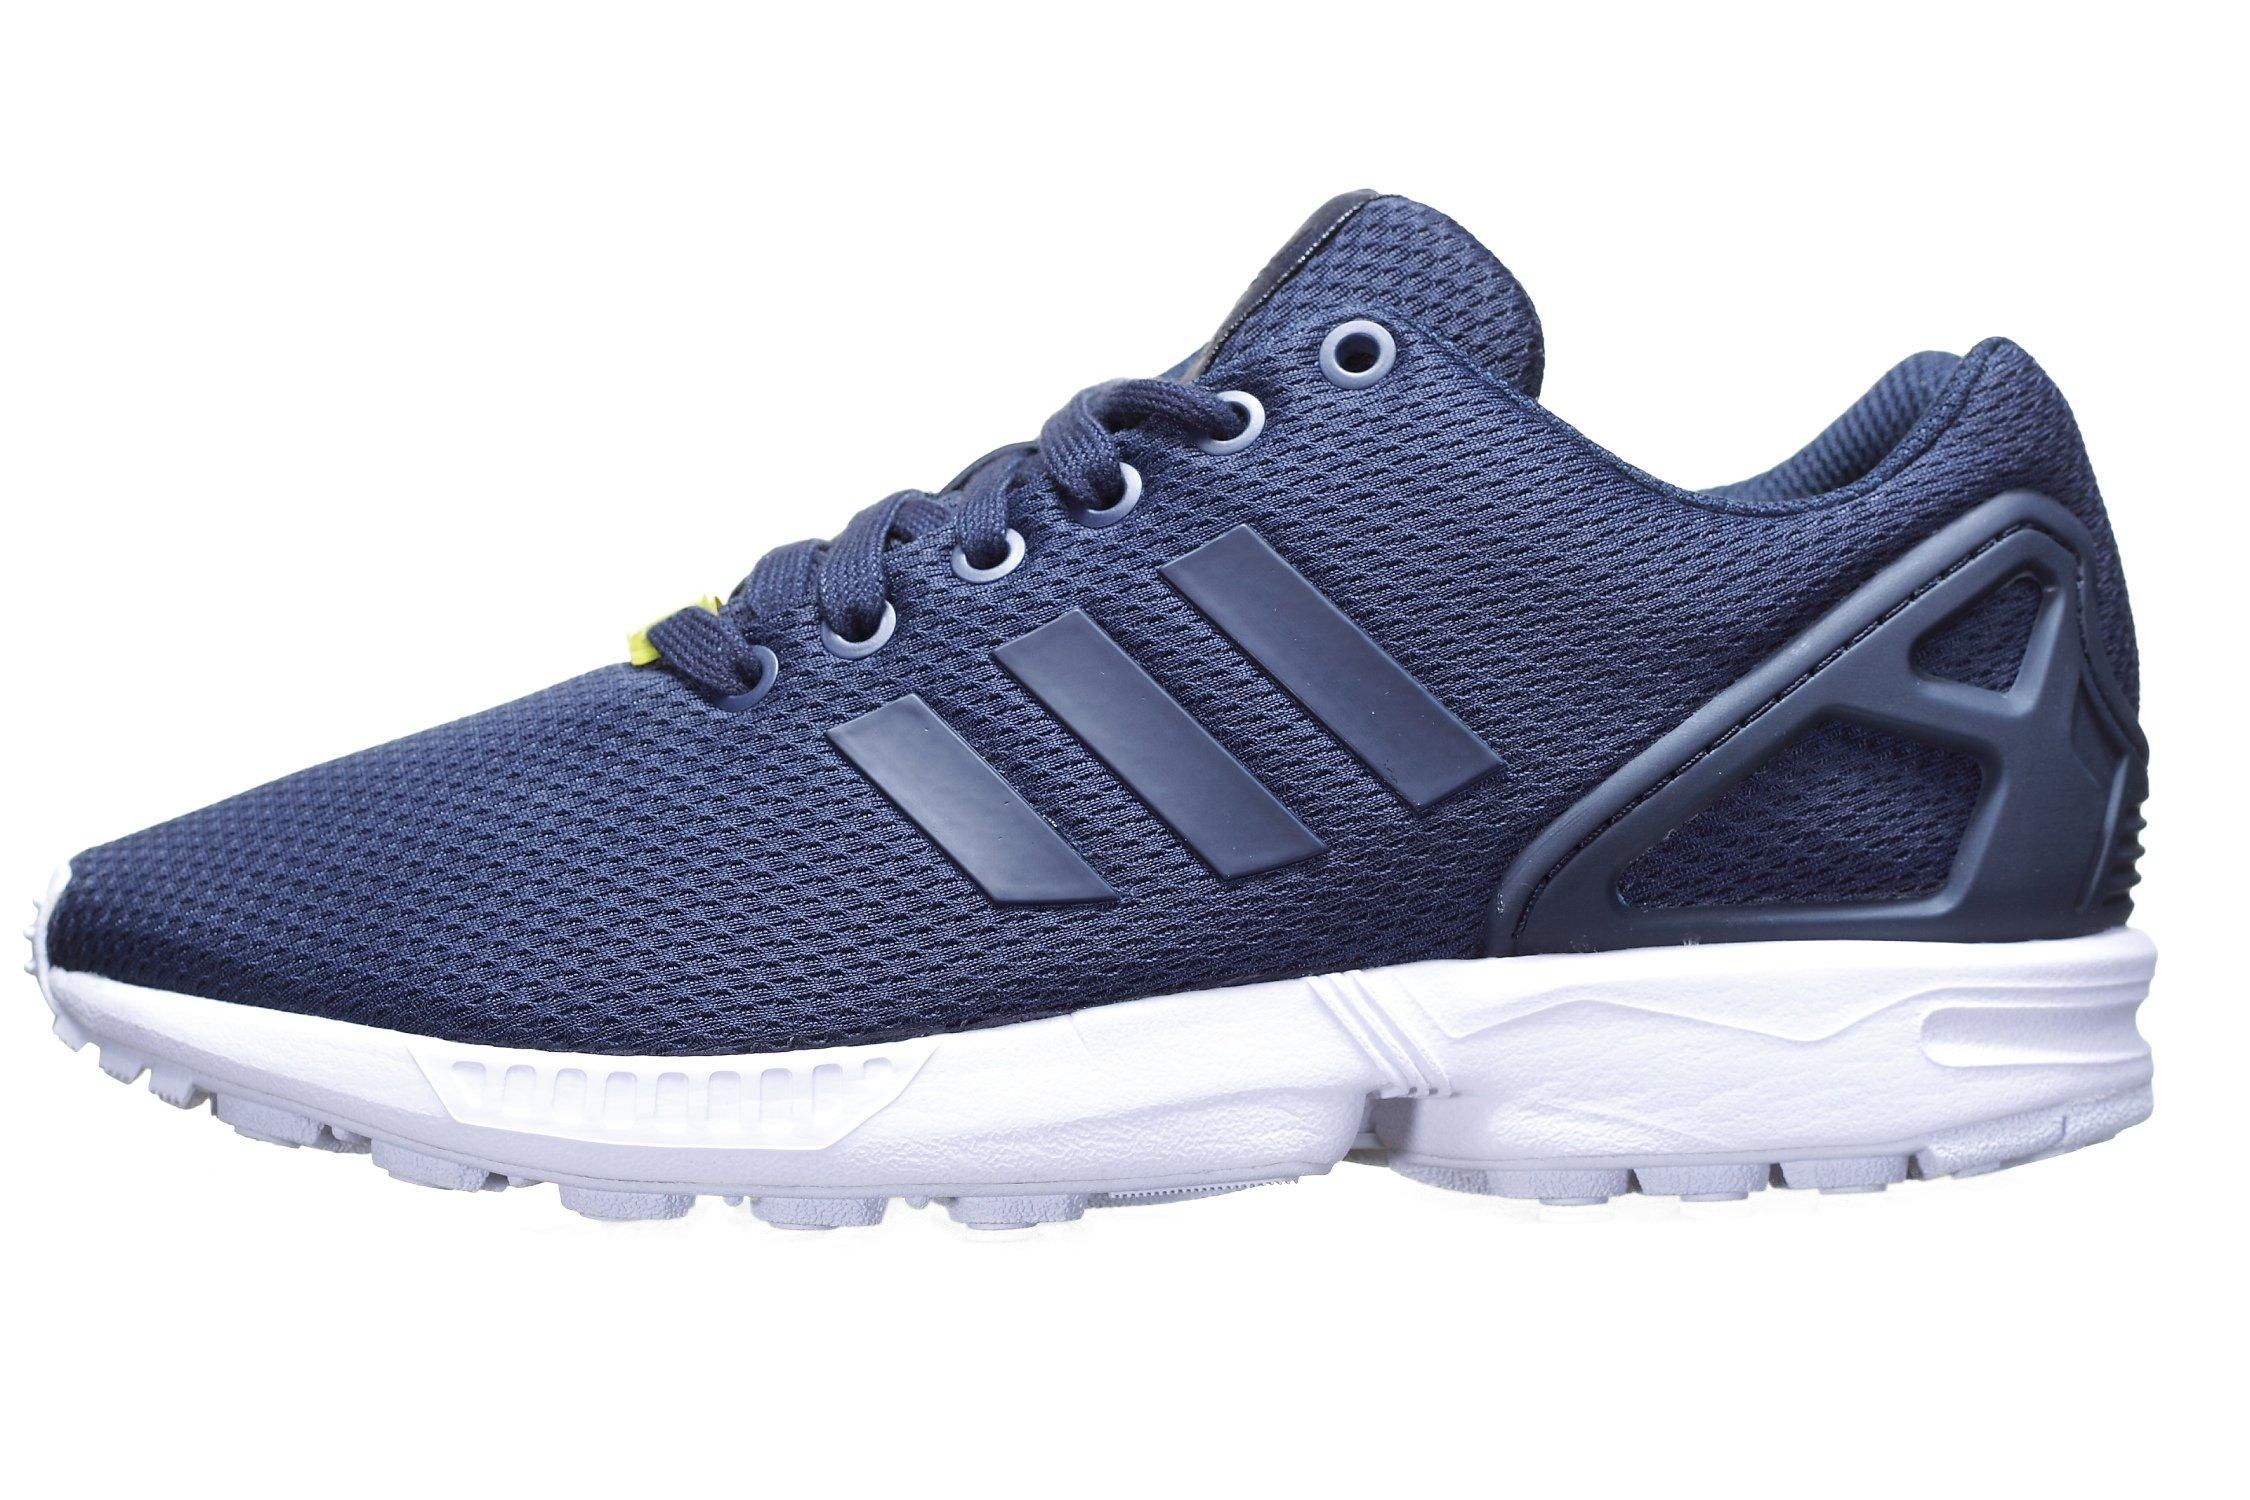 adidas zx flux herren 44